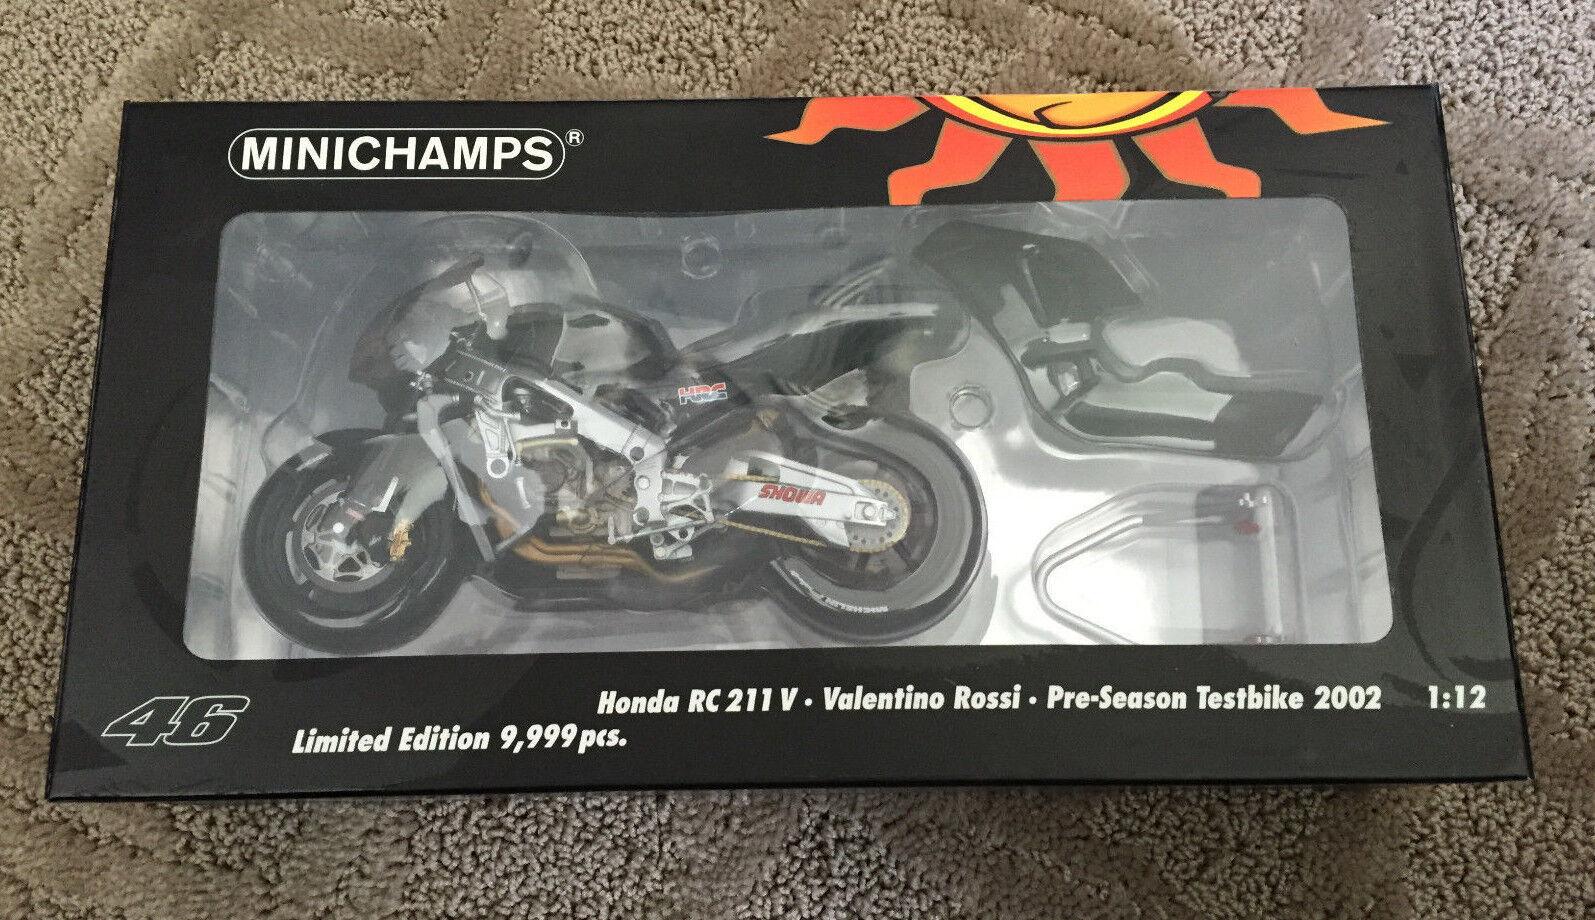 presentando tutte le ultime tendenze della moda MINICHAMPS 2002 2002 2002 Honda RC211V Pre-Season Test Bike - Valentino 1 12 Diecast  varie dimensioni